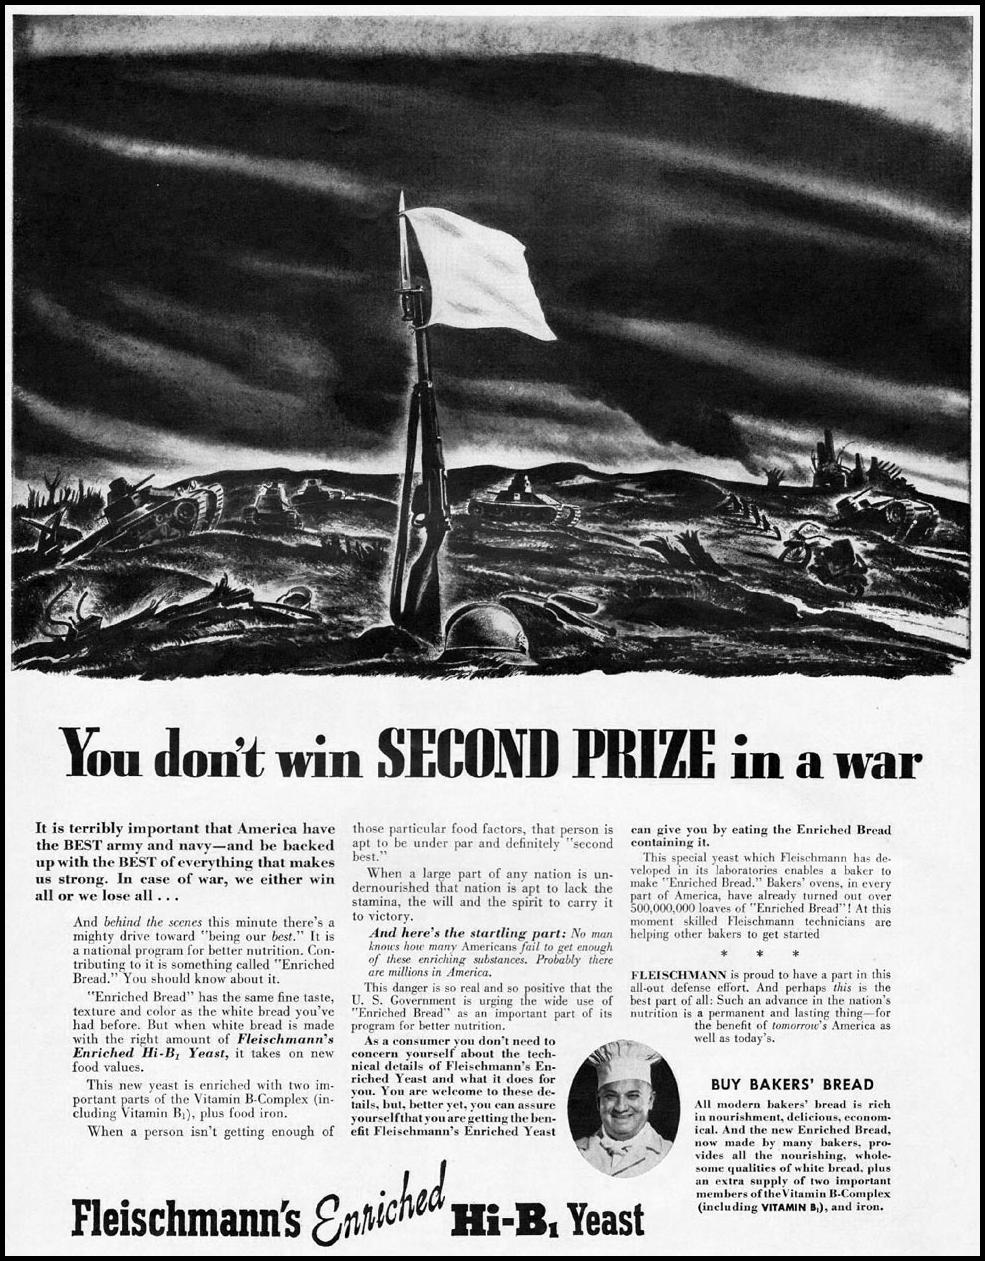 FLEISCHMANN'S YEAST LIFE 09/29/1941 p. 91